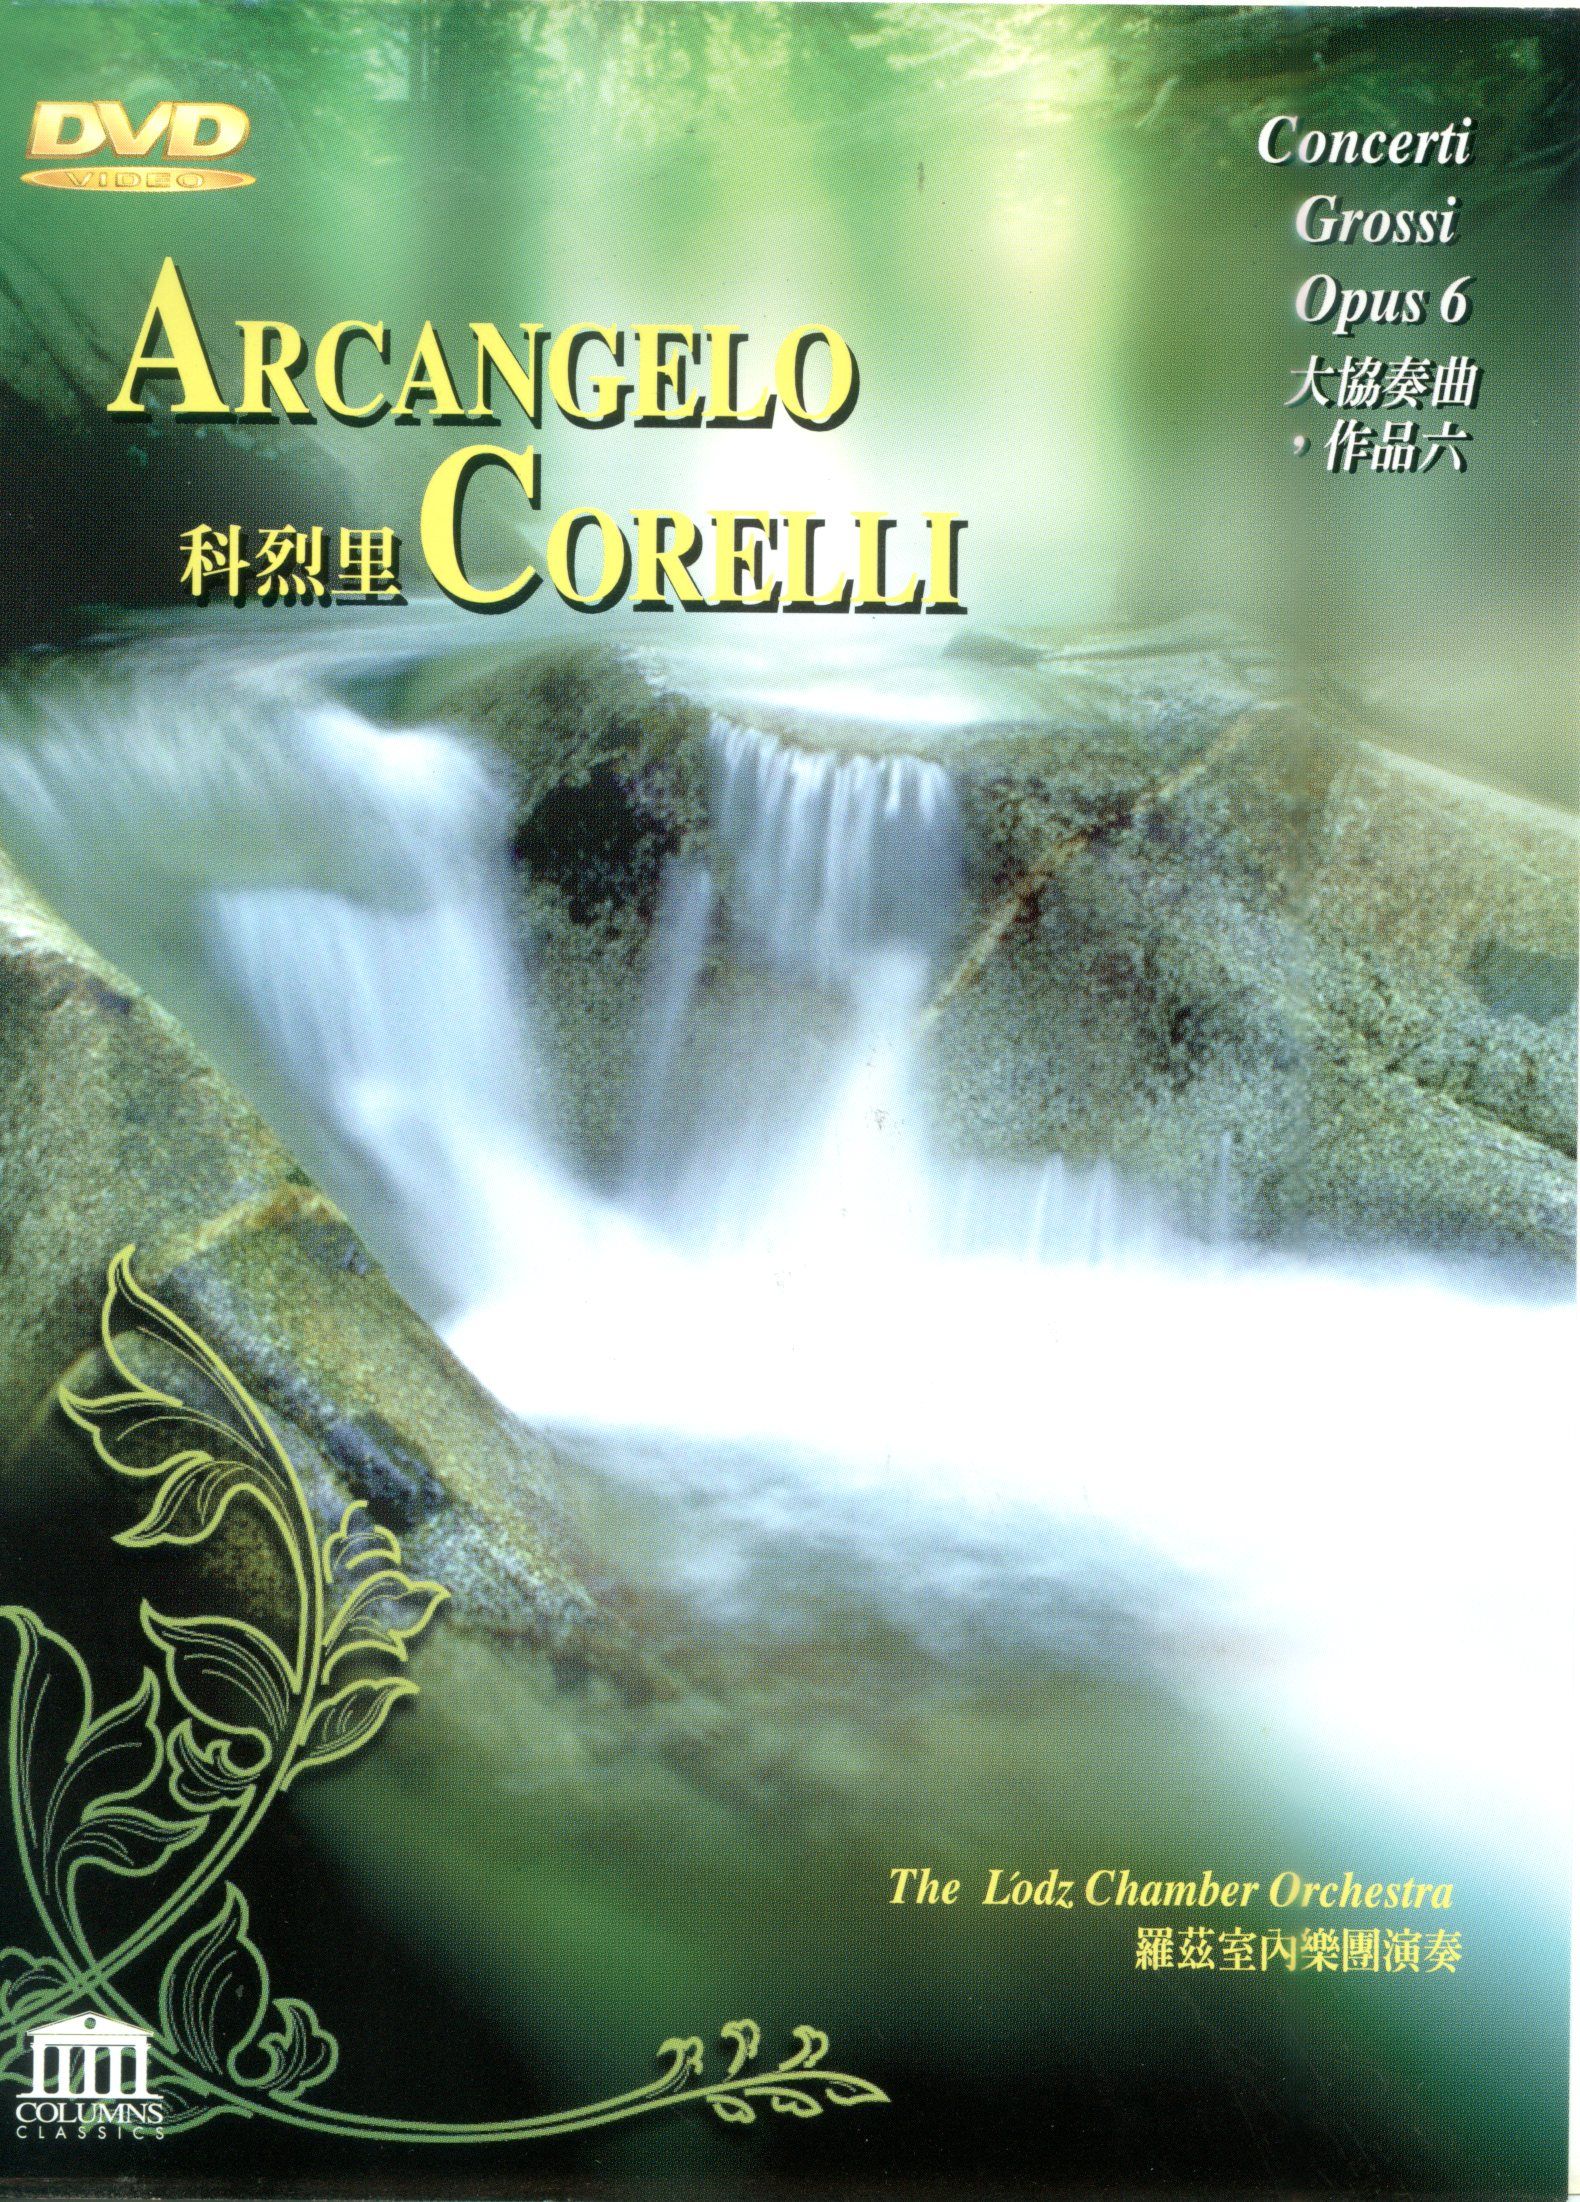 科烈里 大協奏曲作品六 = Arcangelo Corelli : concerti grossi, opus 6 /